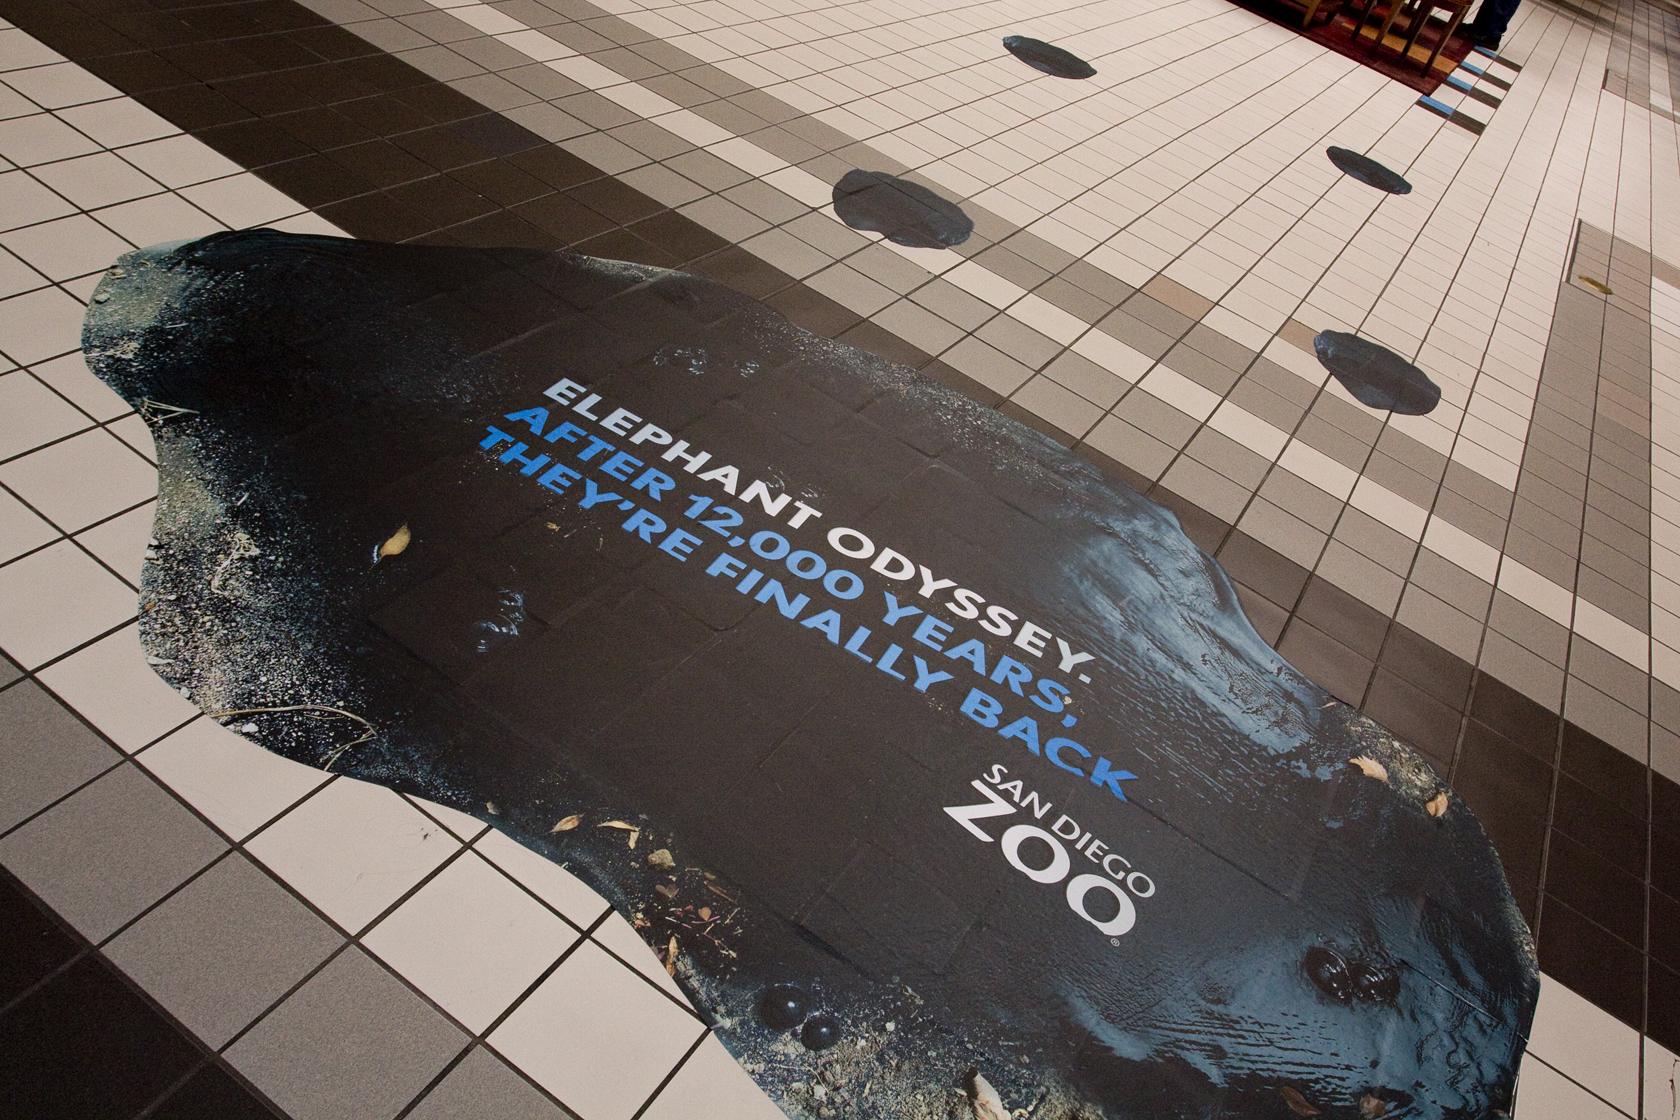 zoo_parkway_plaza2.jpg